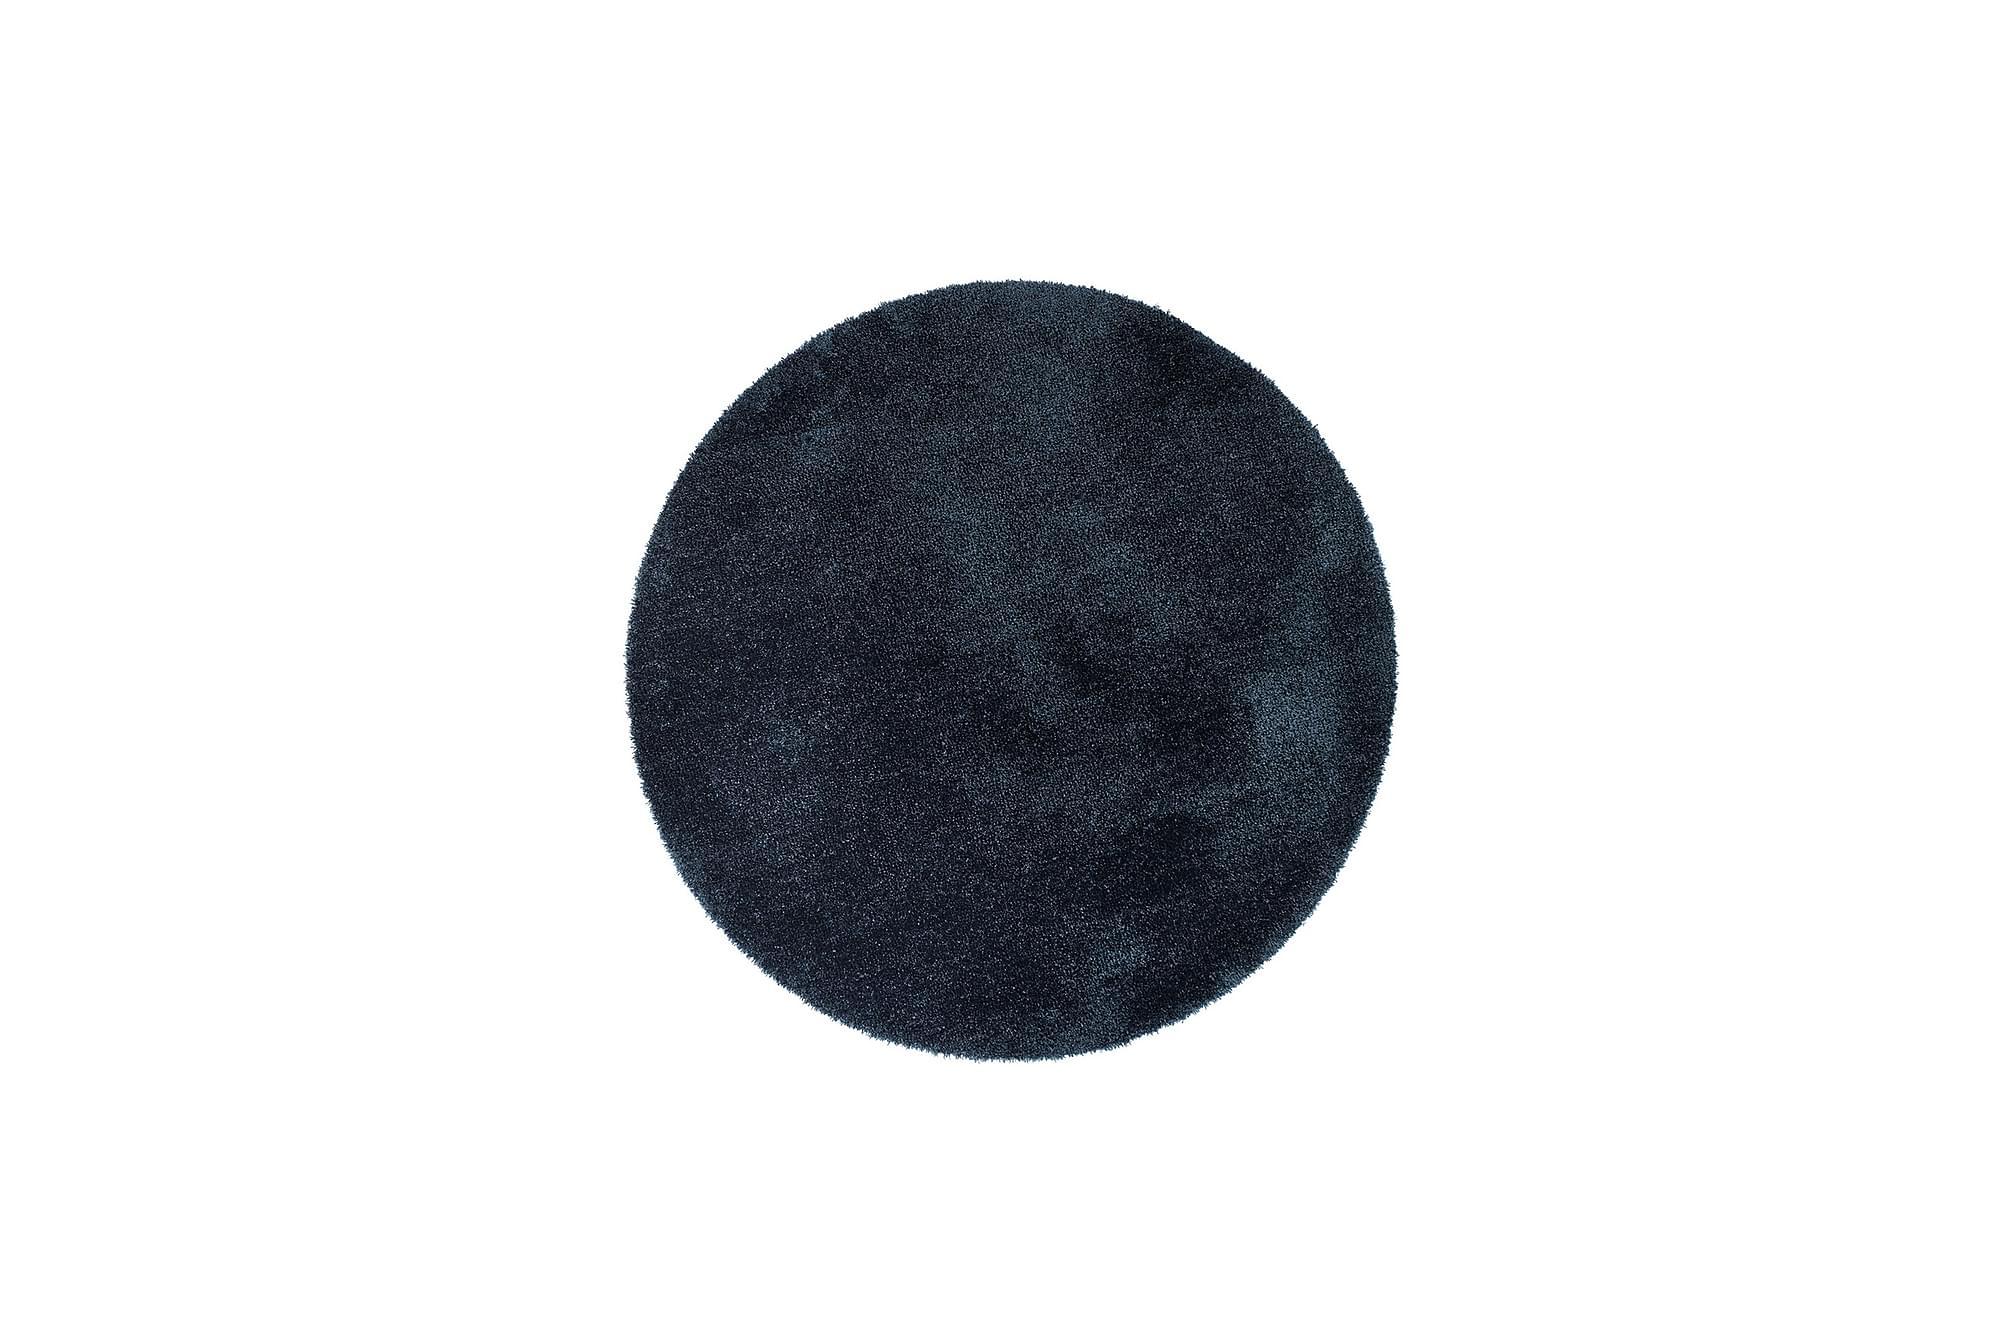 FEEL Matta 120 Rund Blå, Små mattor